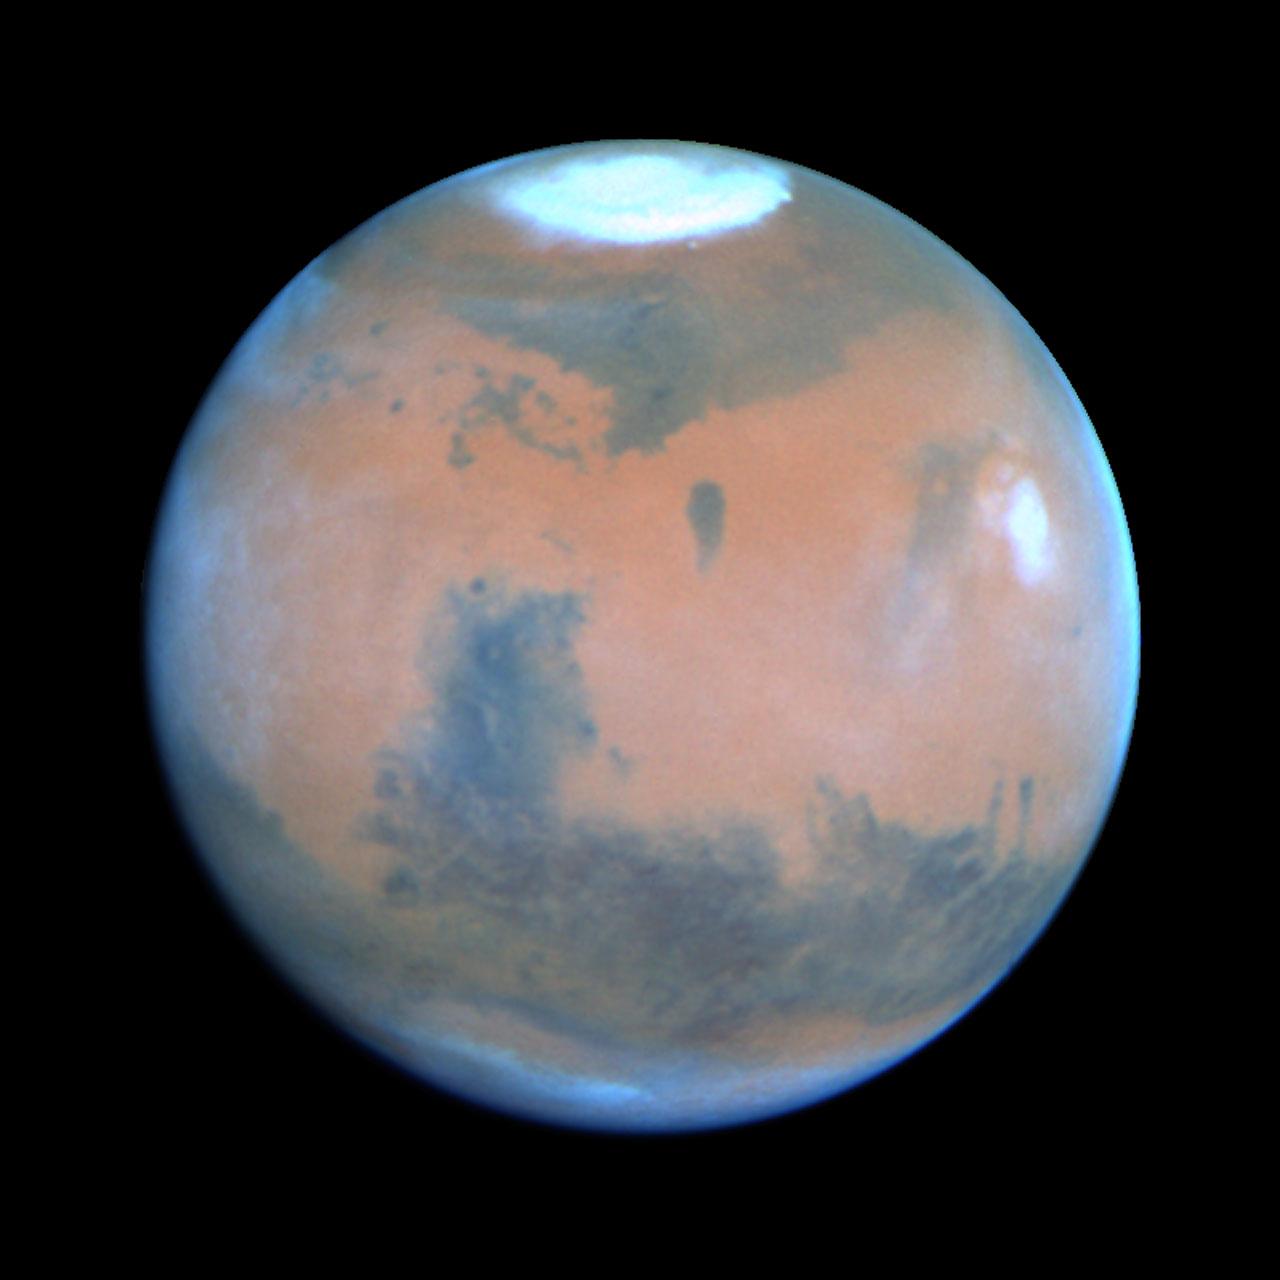 Mars at Opposition 1995 (Syrtis Major Region)